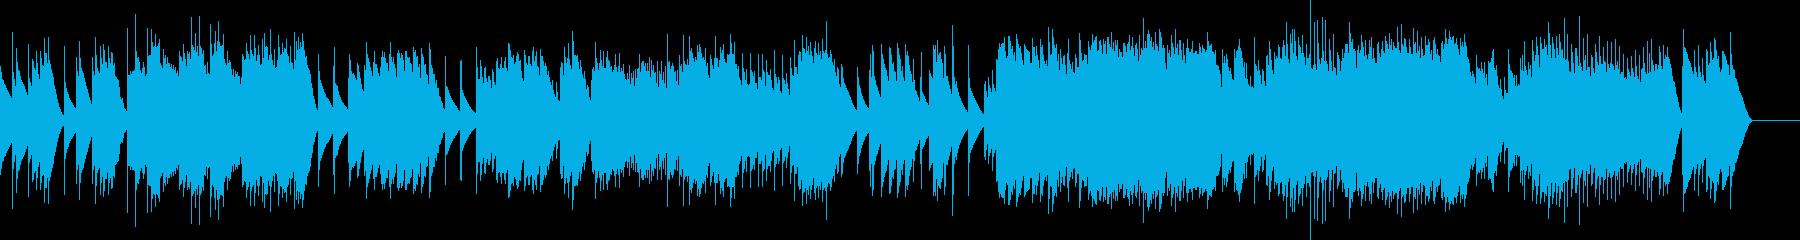 アイネクライネ 第1楽章 (オルゴール)の再生済みの波形